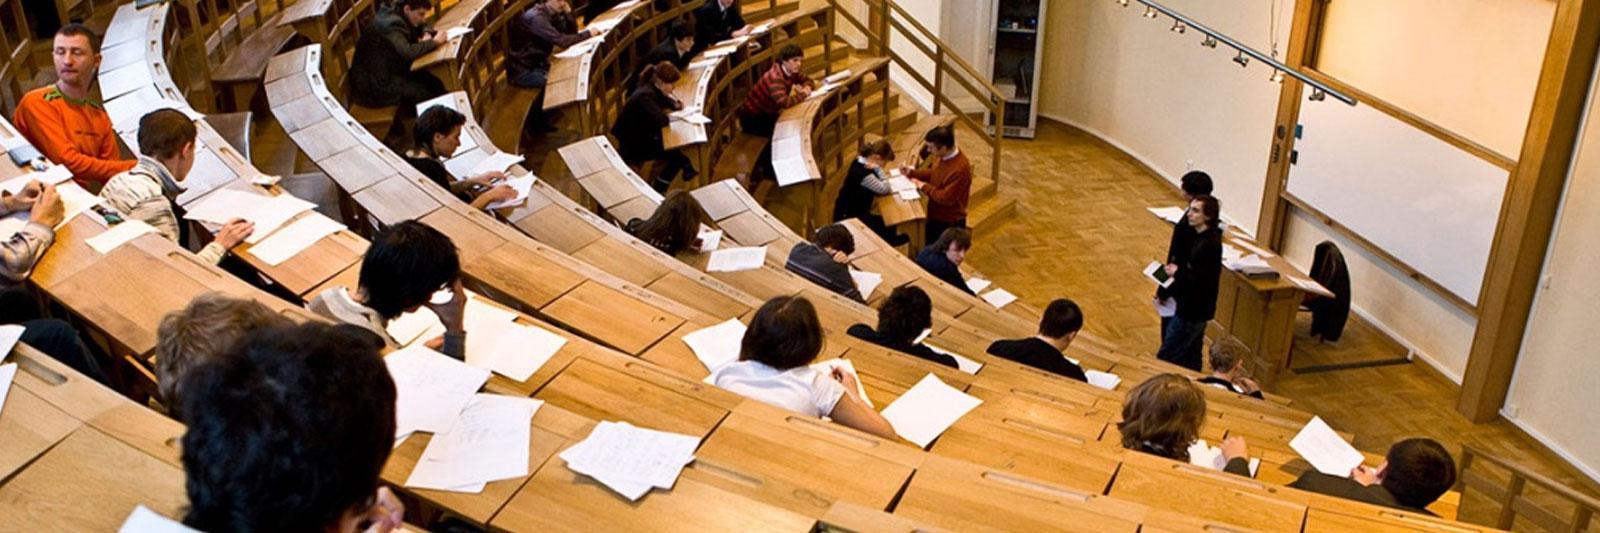 Педагогика профессионального обучения, проф-образования и ДПО